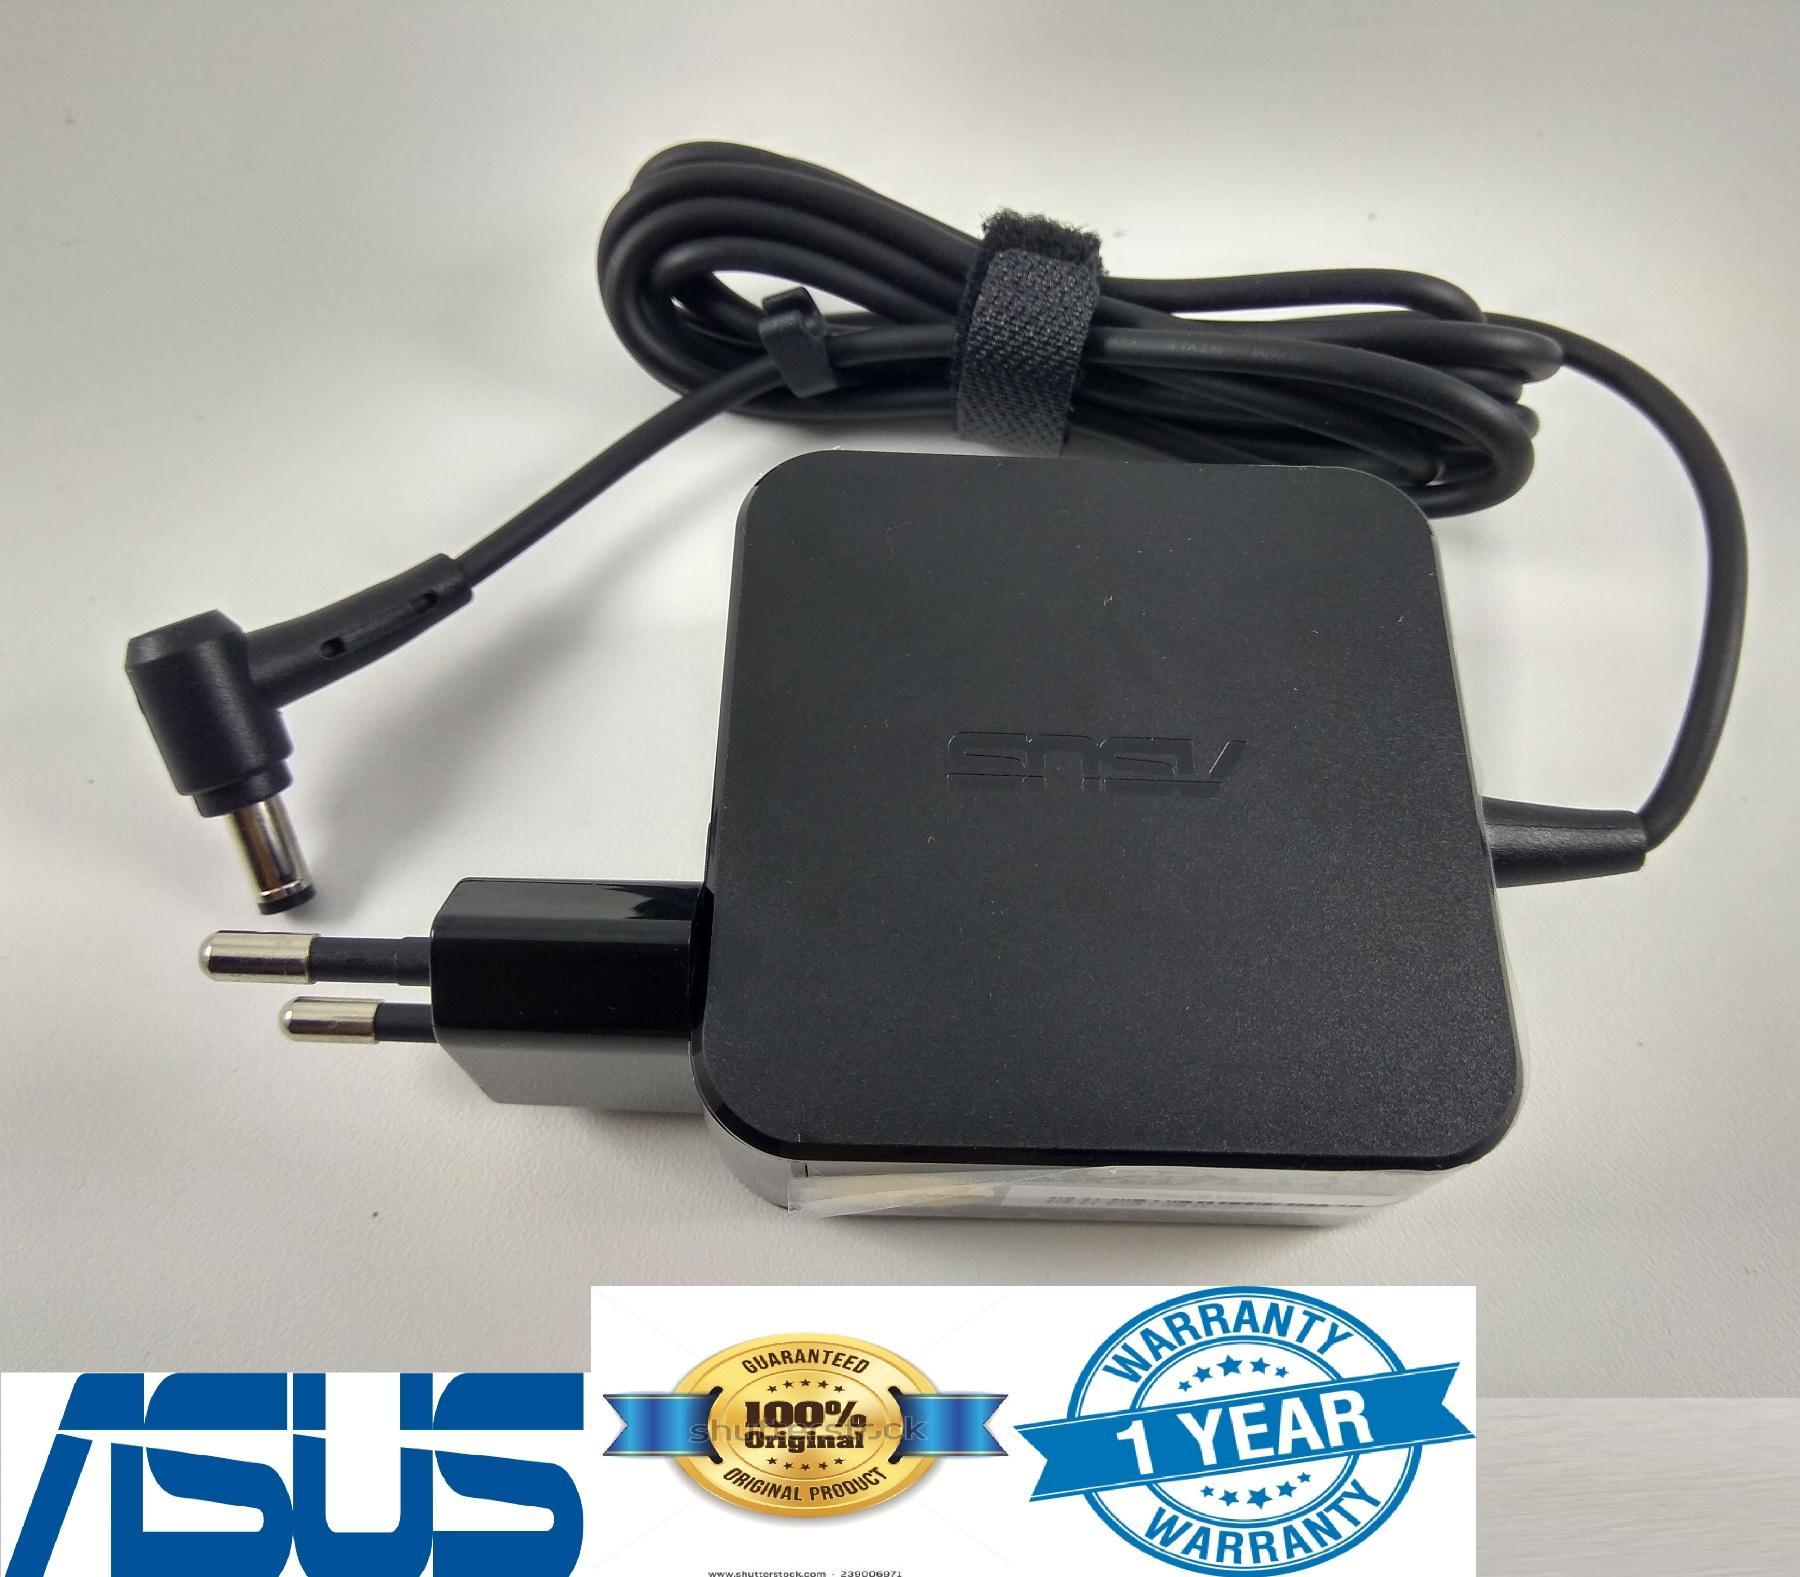 Asus Adaptor Charger Original X455L X450L X450C X451C X551C 19V 2.37A (5.5*2.5) SPECIAL